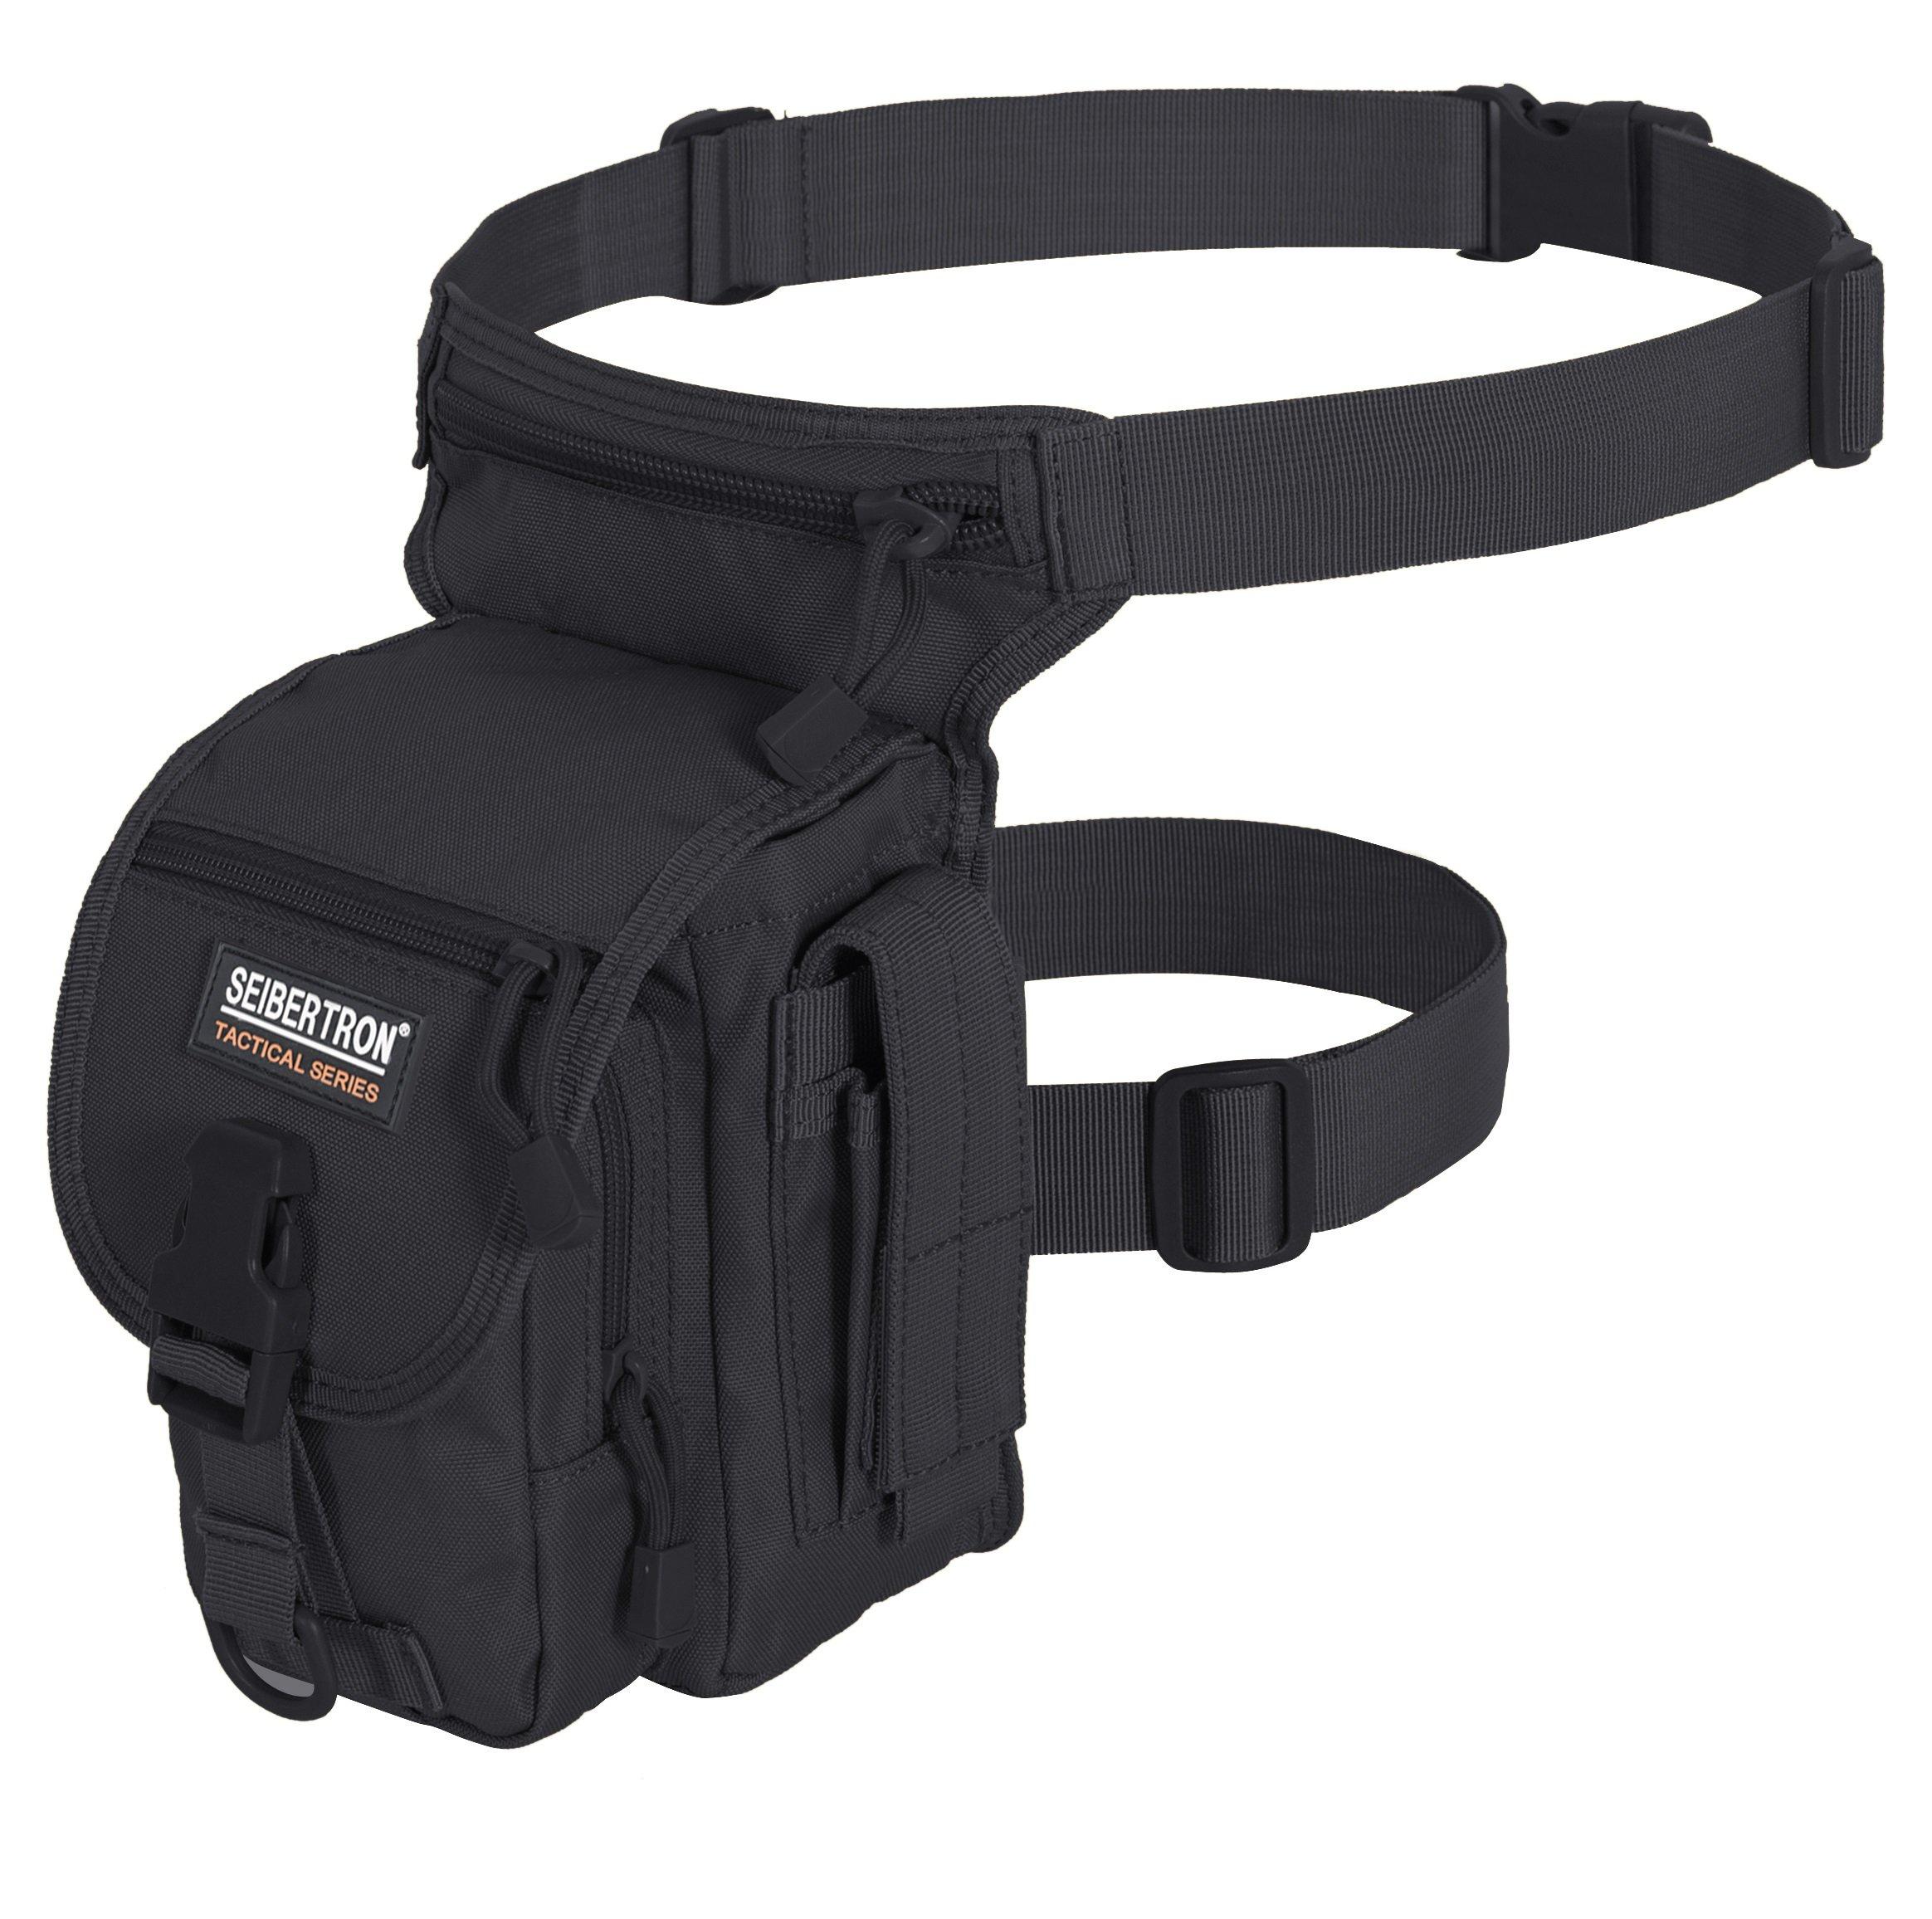 Seibertron Multi-purpose Waterproof Sports Riding Racing Motorcycle Leg Bag Tool Phone Travel Bag Black